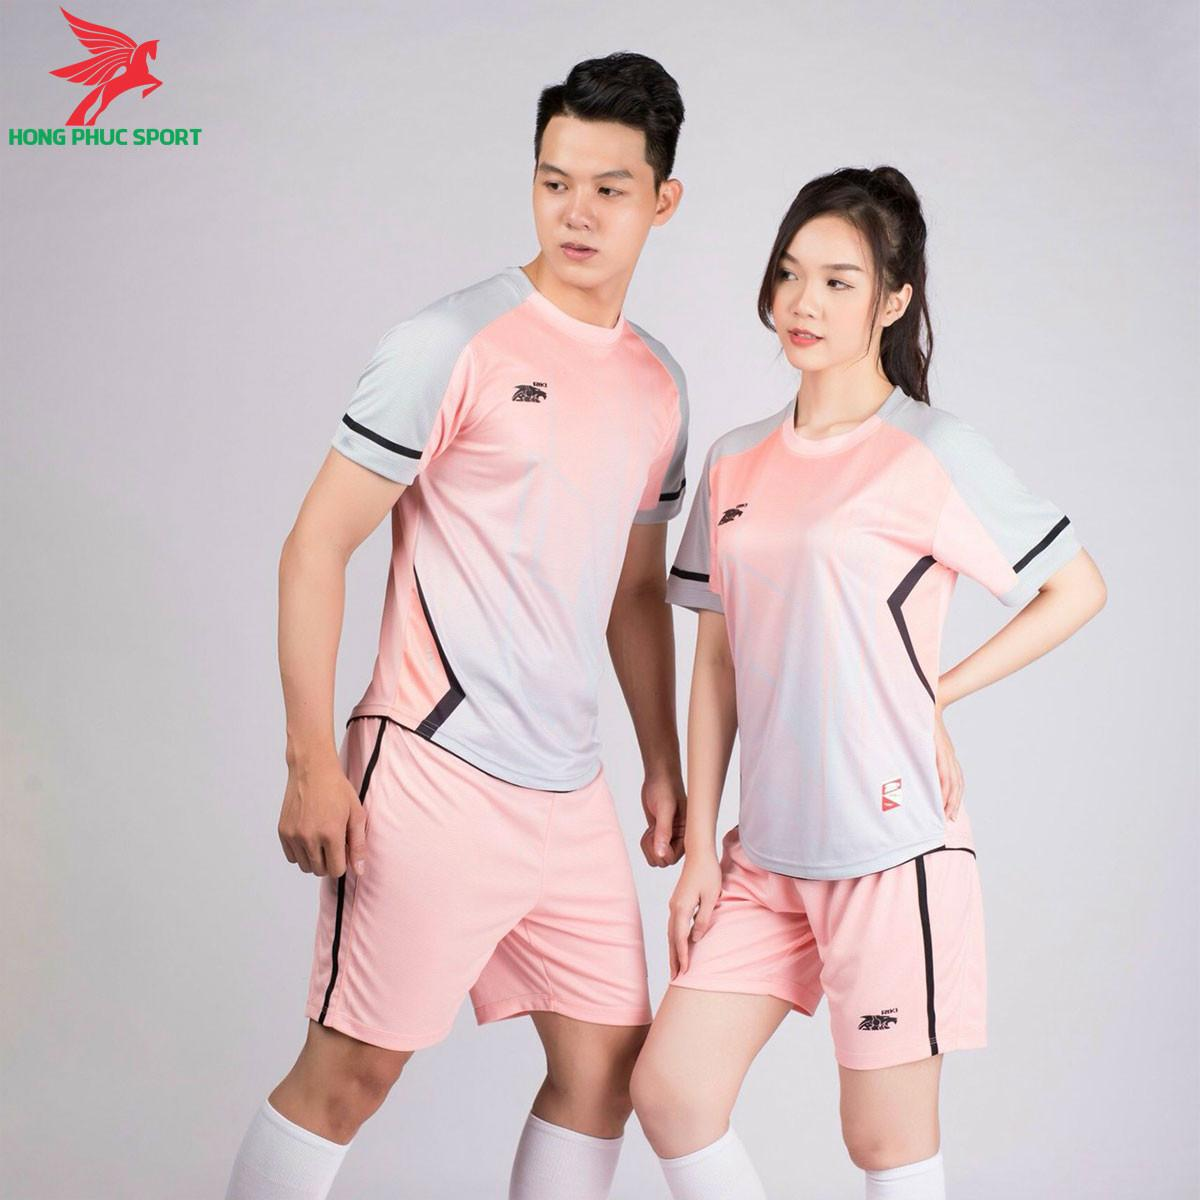 áo bóng đá không logo Riki Airmaxx Hồng